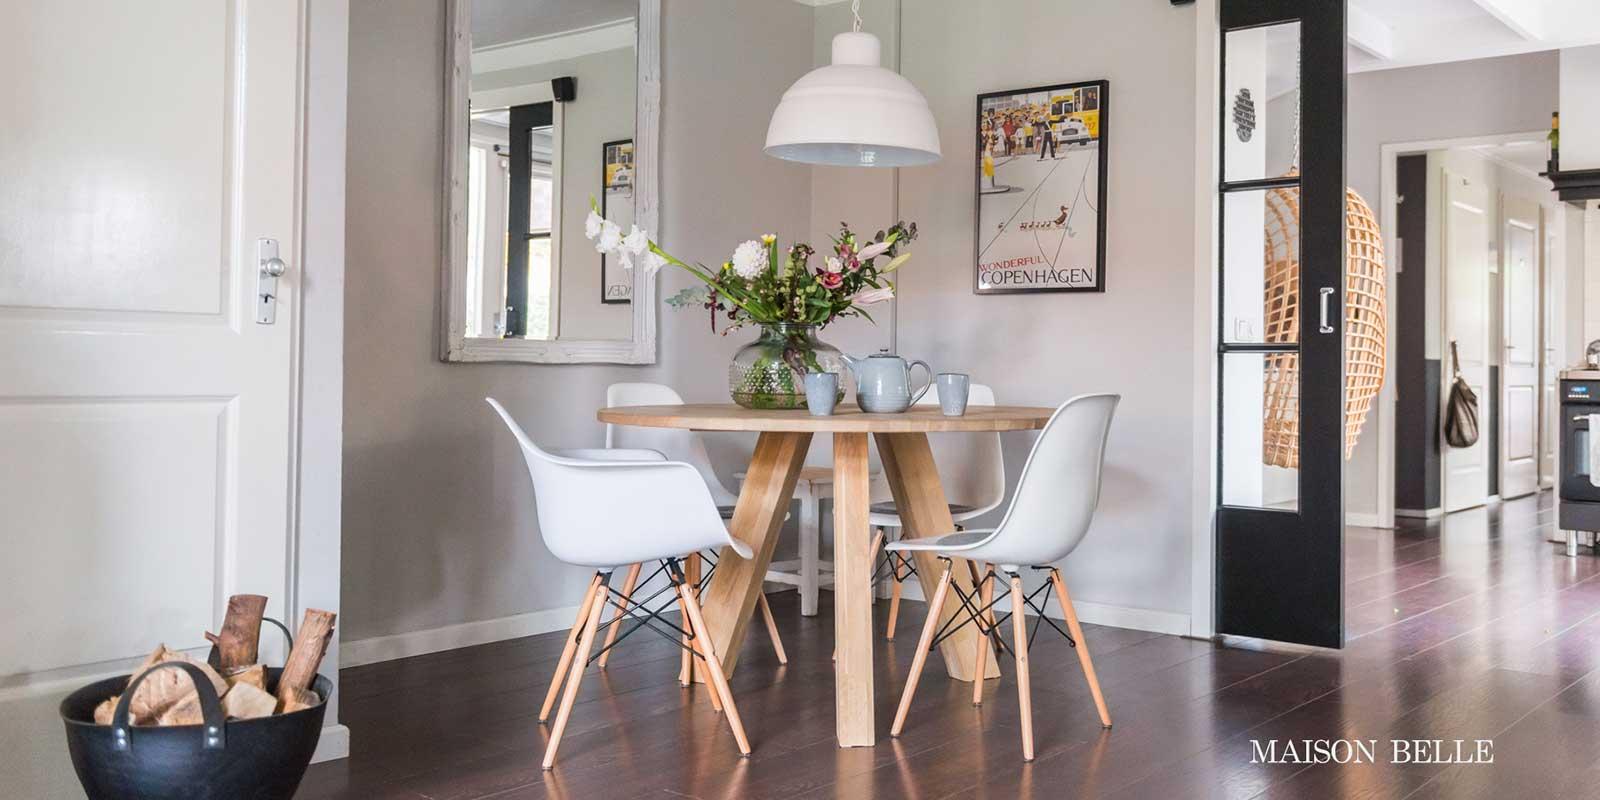 Eethoek Met Ronde Tafel.Interieur Inspiratie Ronde Eettafel Maison Belle